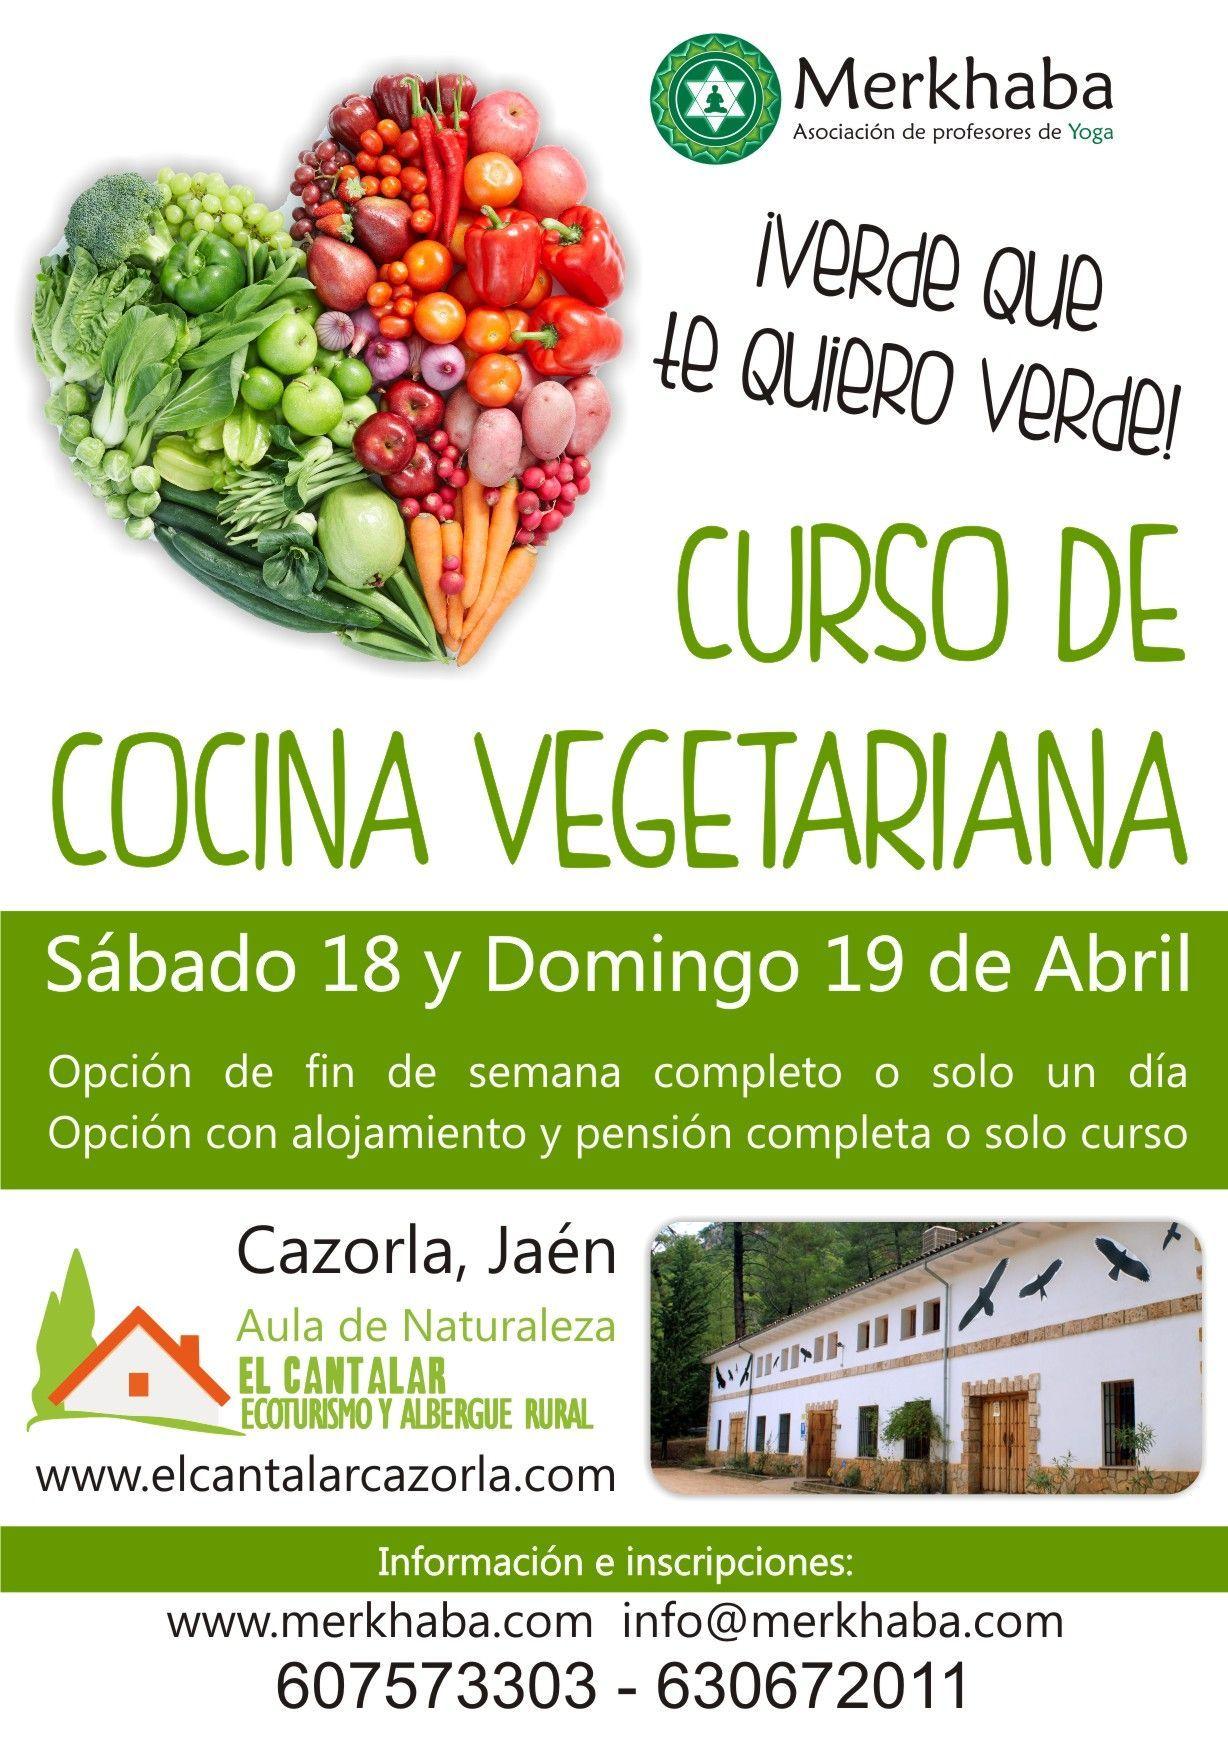 Curso de cocina vegetariana en sierra de cazorla ja n - Escuela de cocina vegetariana ...